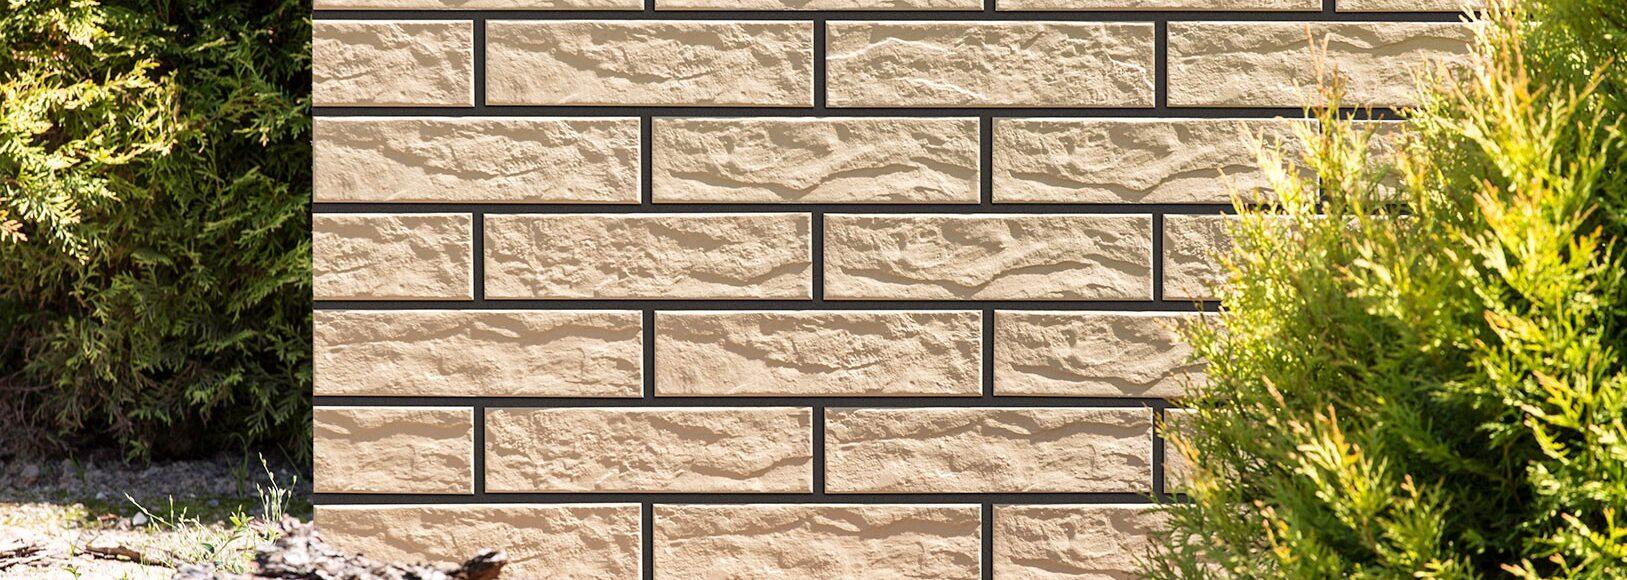 О применении фасадной плитки